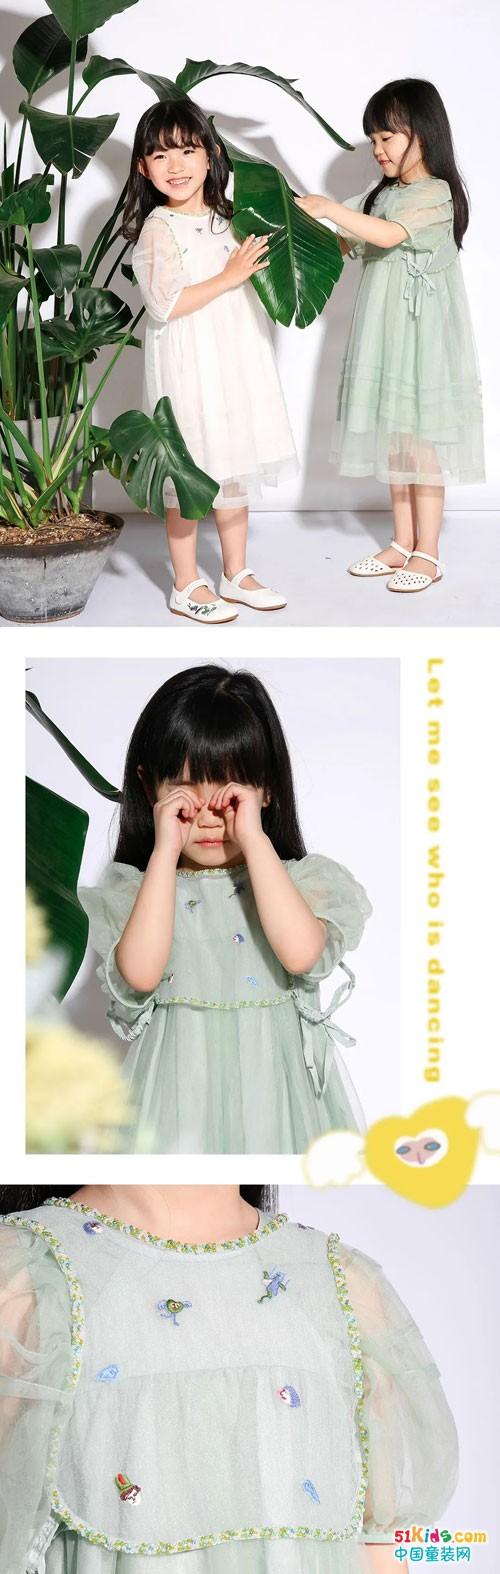 马拉丁童装 爱跳舞的小女孩和她最爱的纱裙